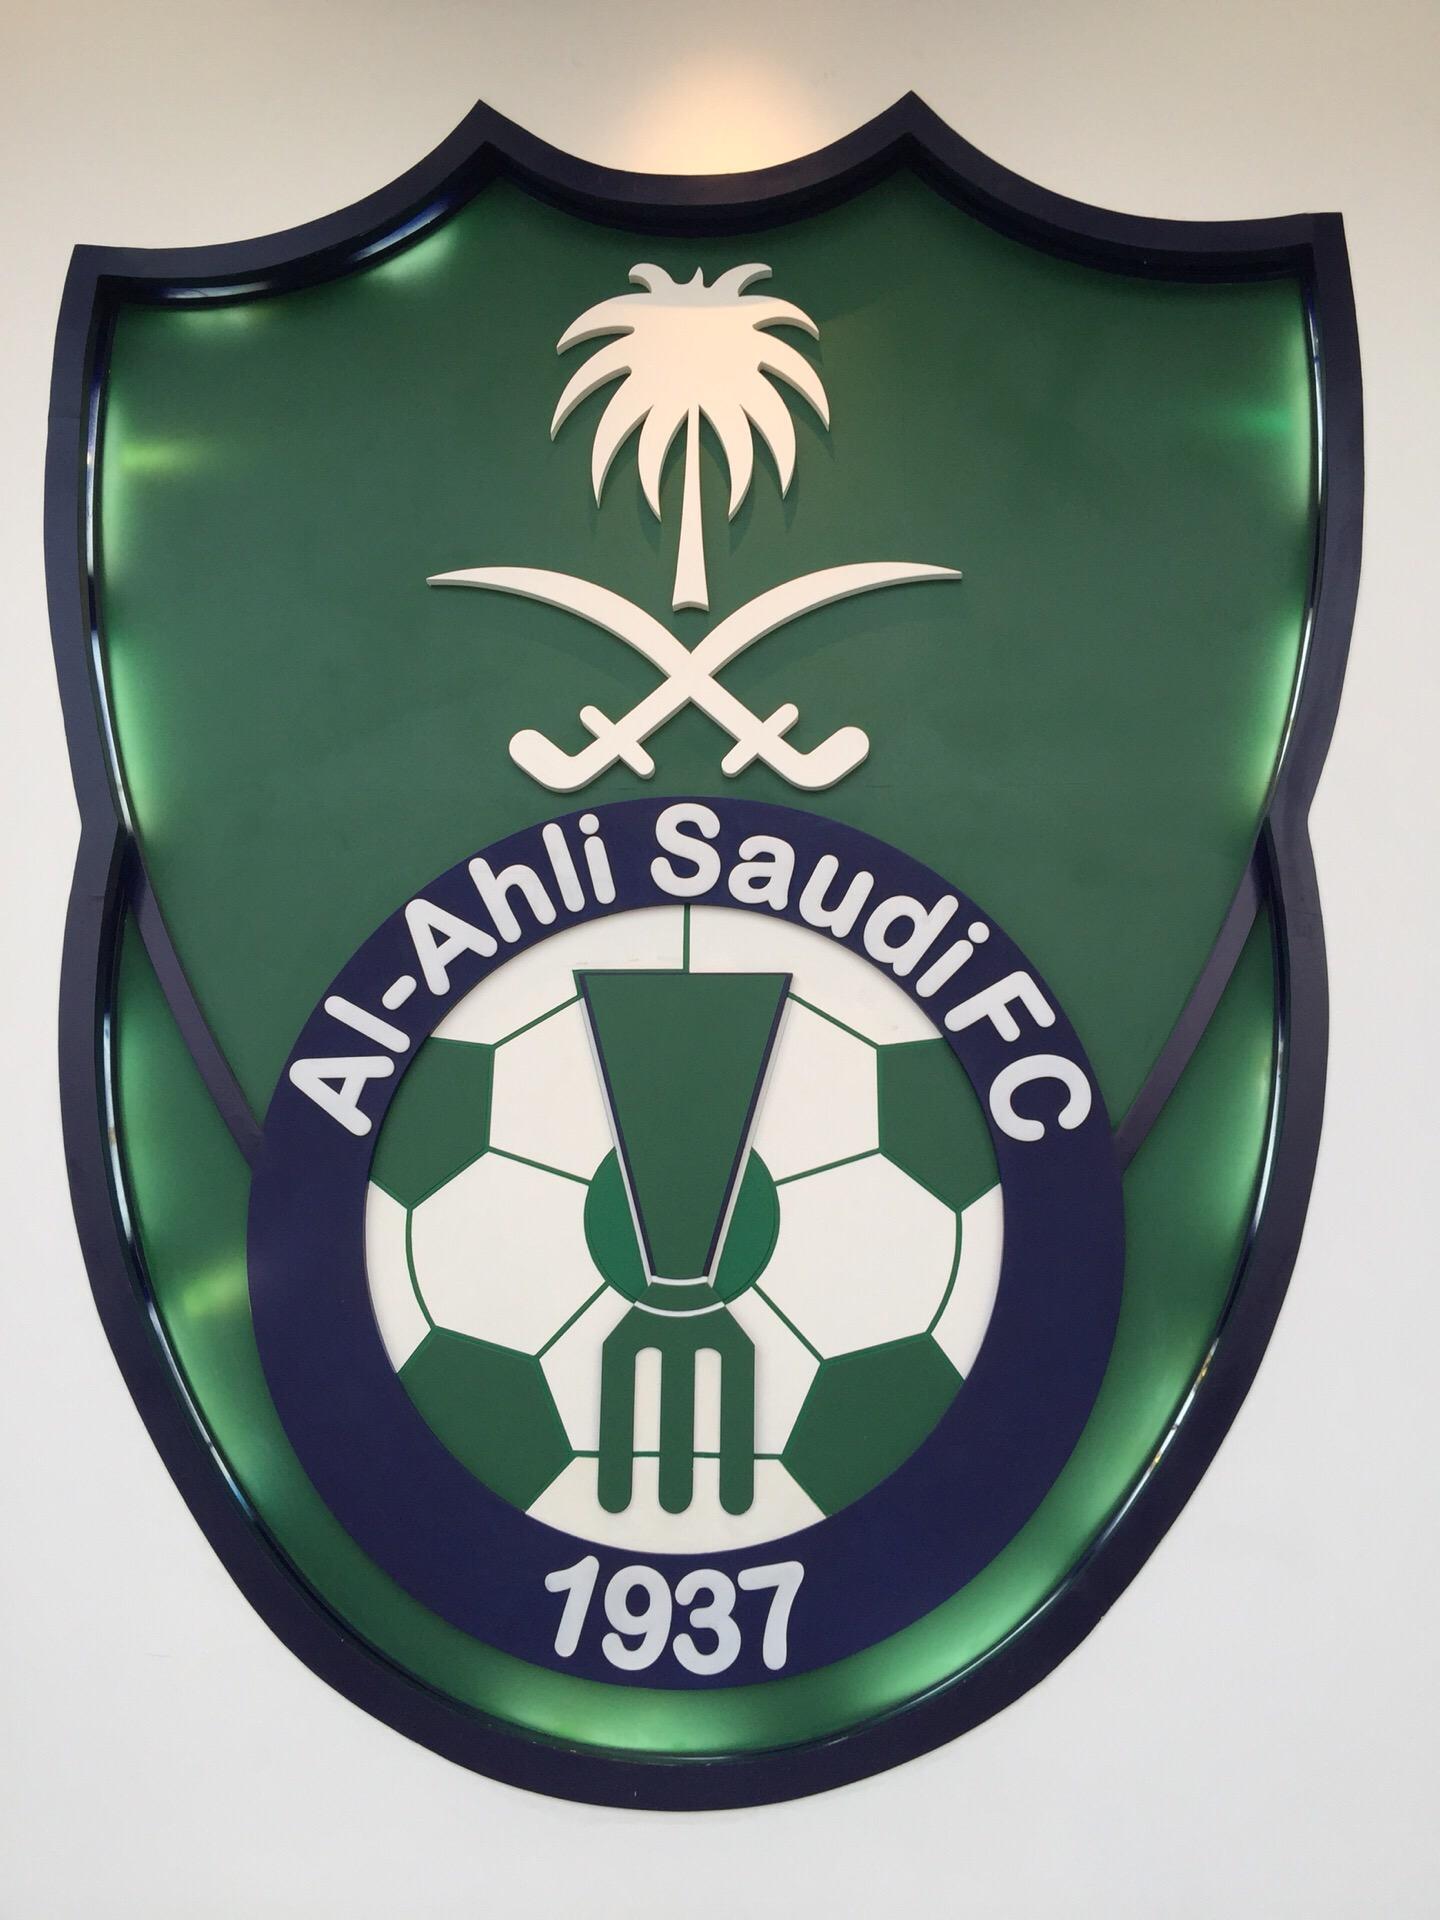 Al Ahli Saudită 2017